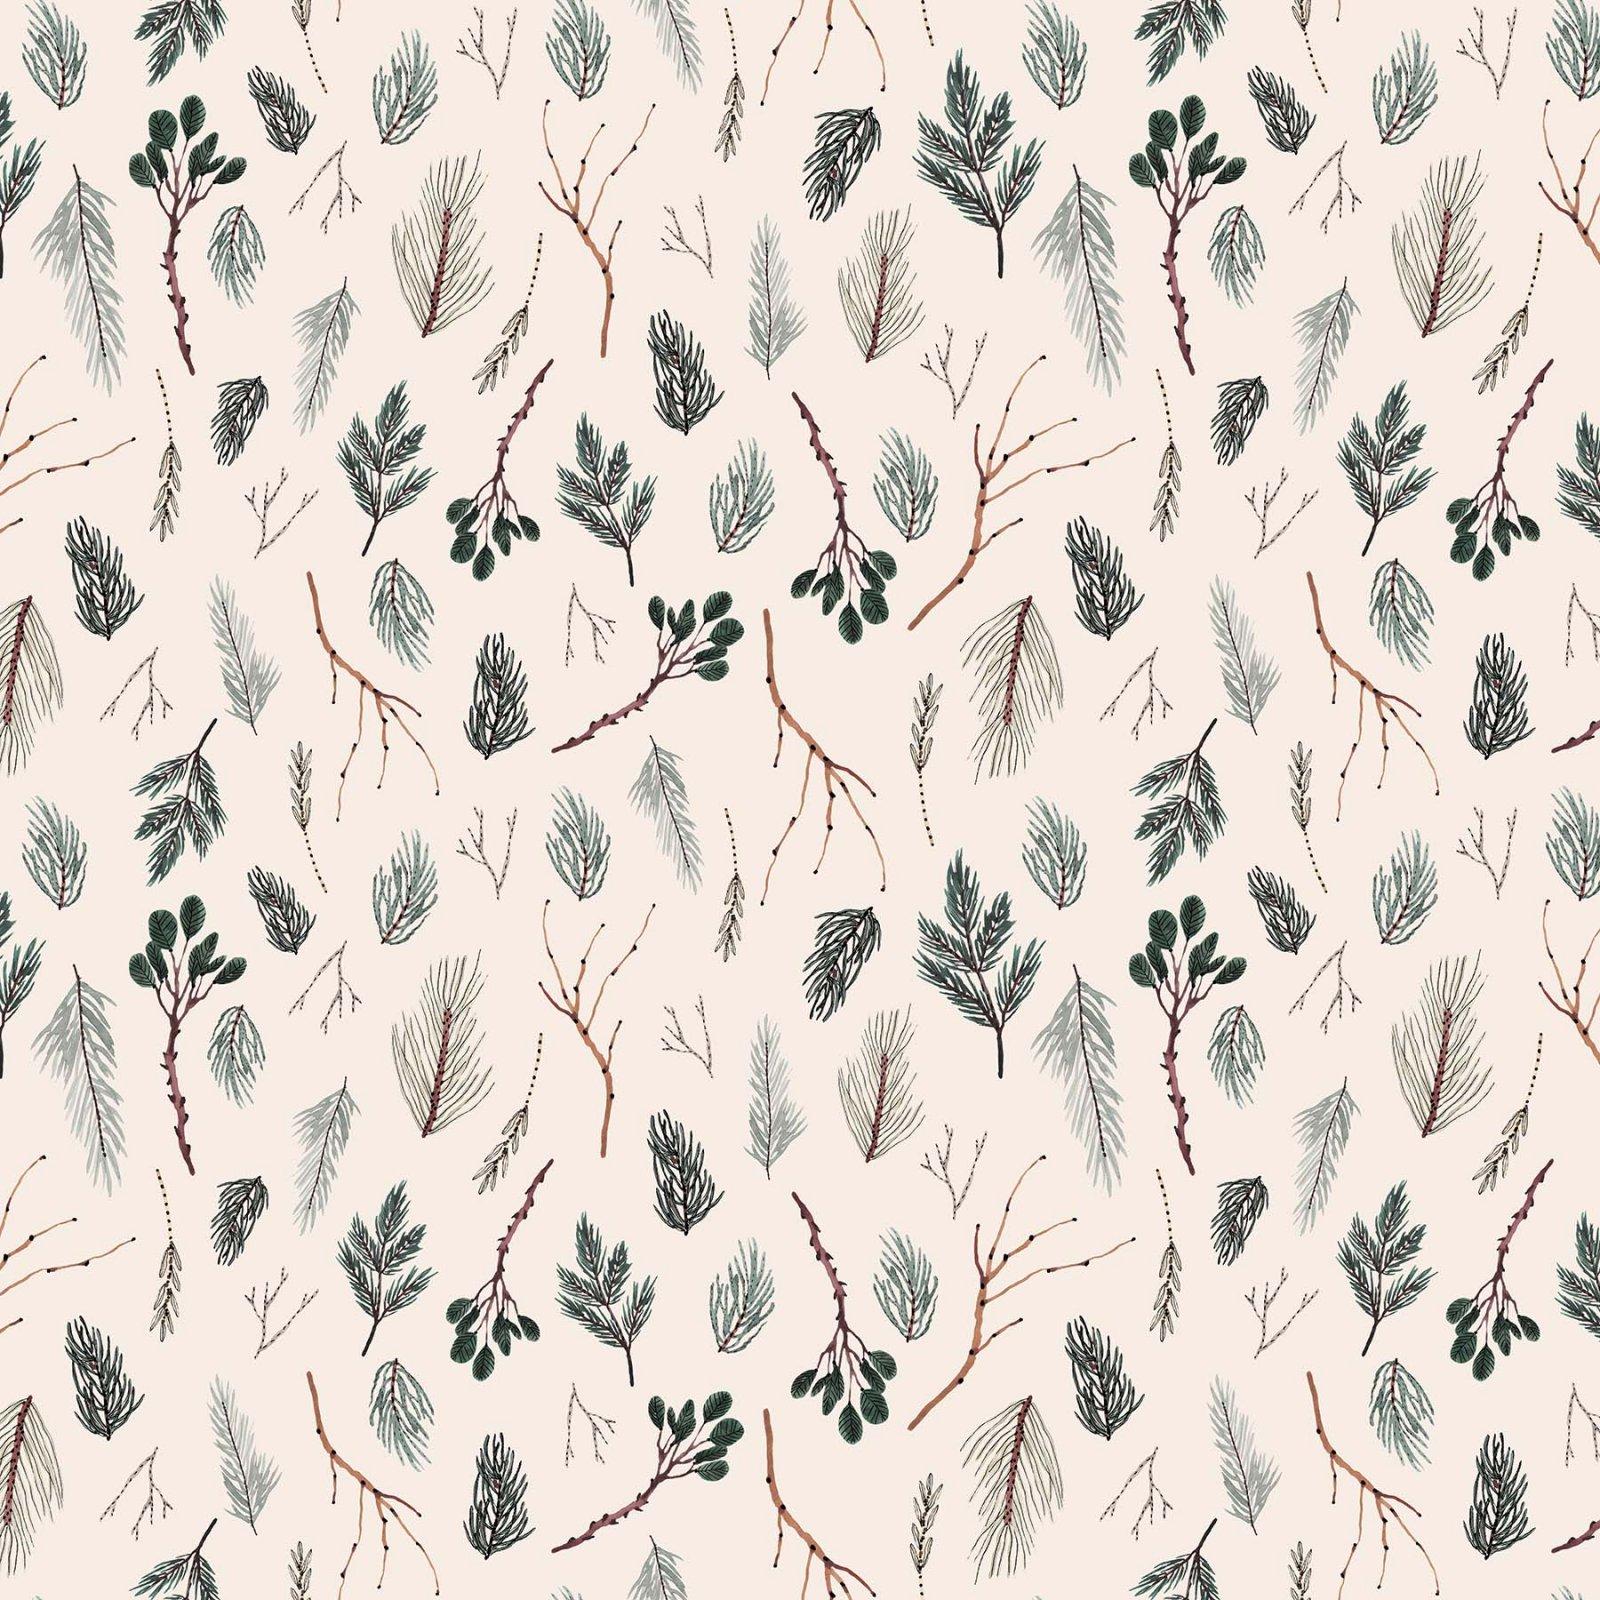 Winter Frost by Boccaccini Meadows for Figo Fabrics - Twigs - Beige Multi